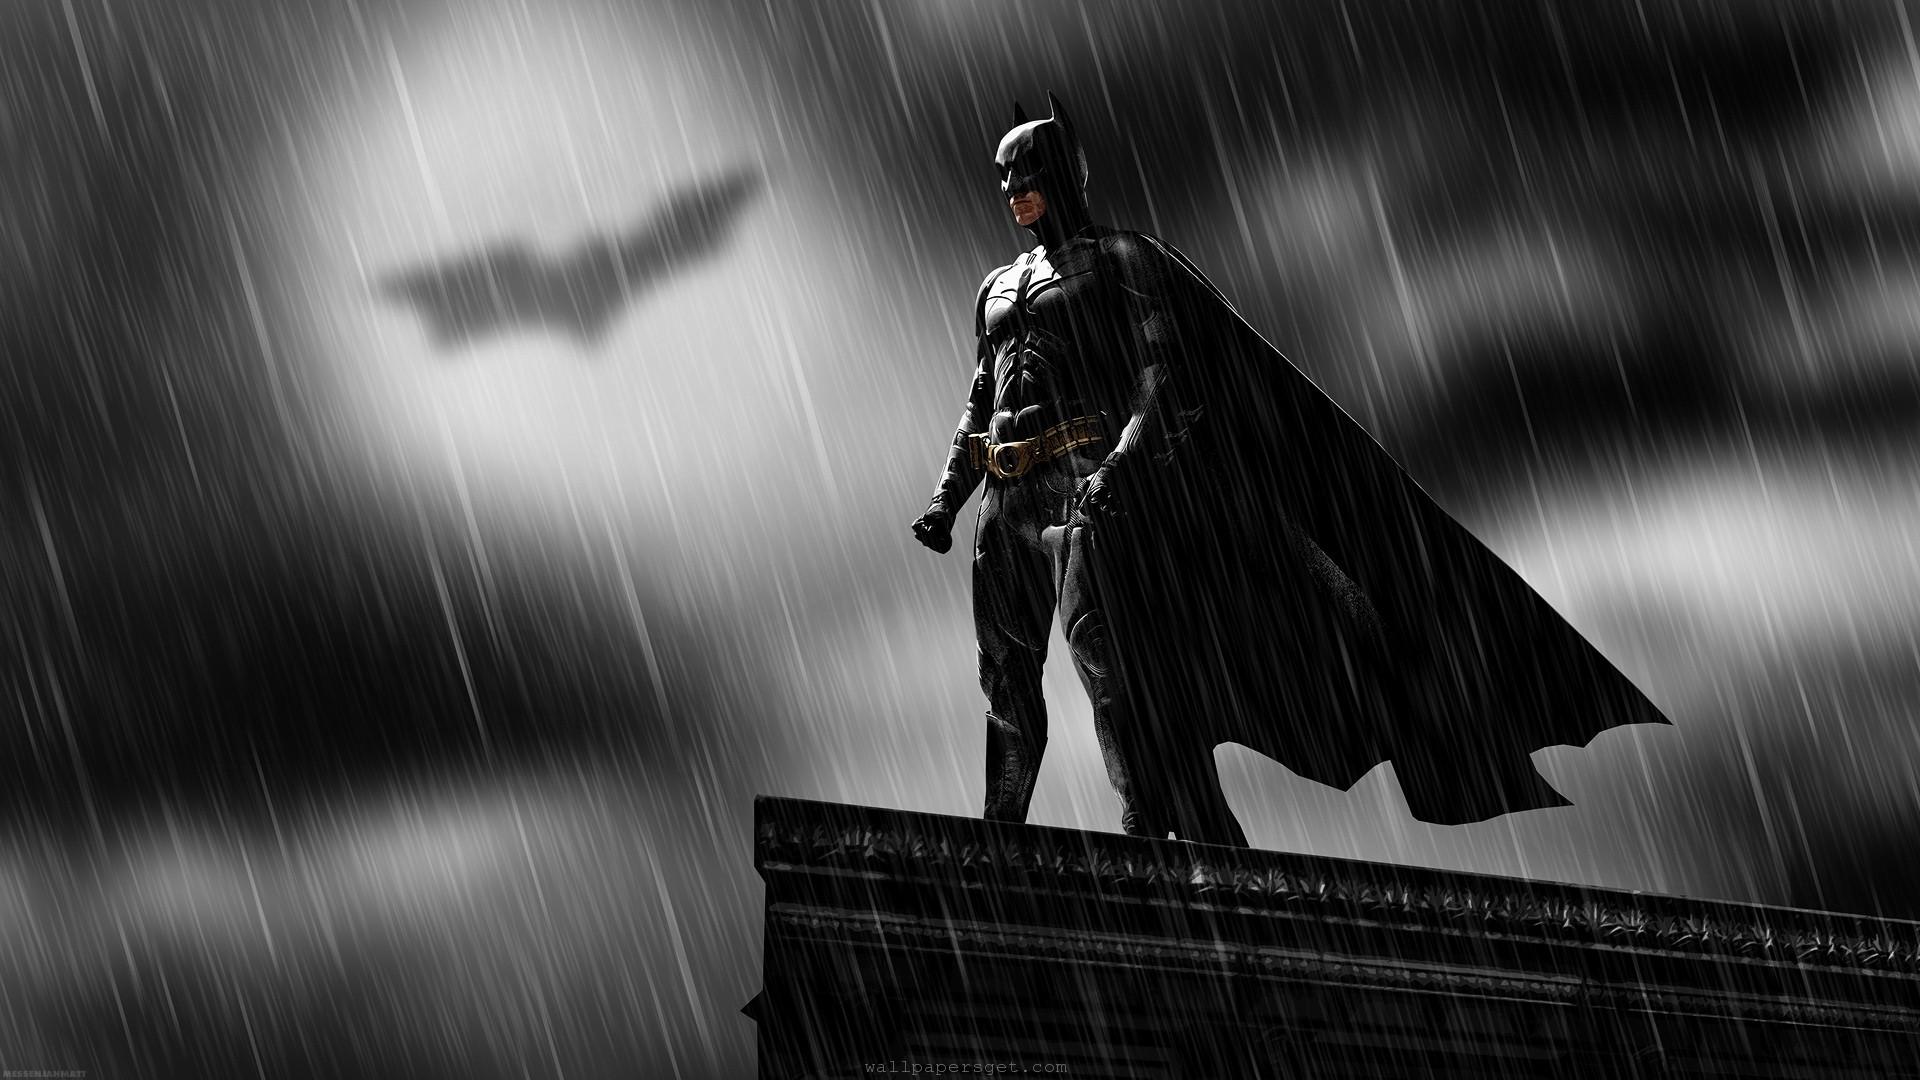 Bruce Wayne alias Batman